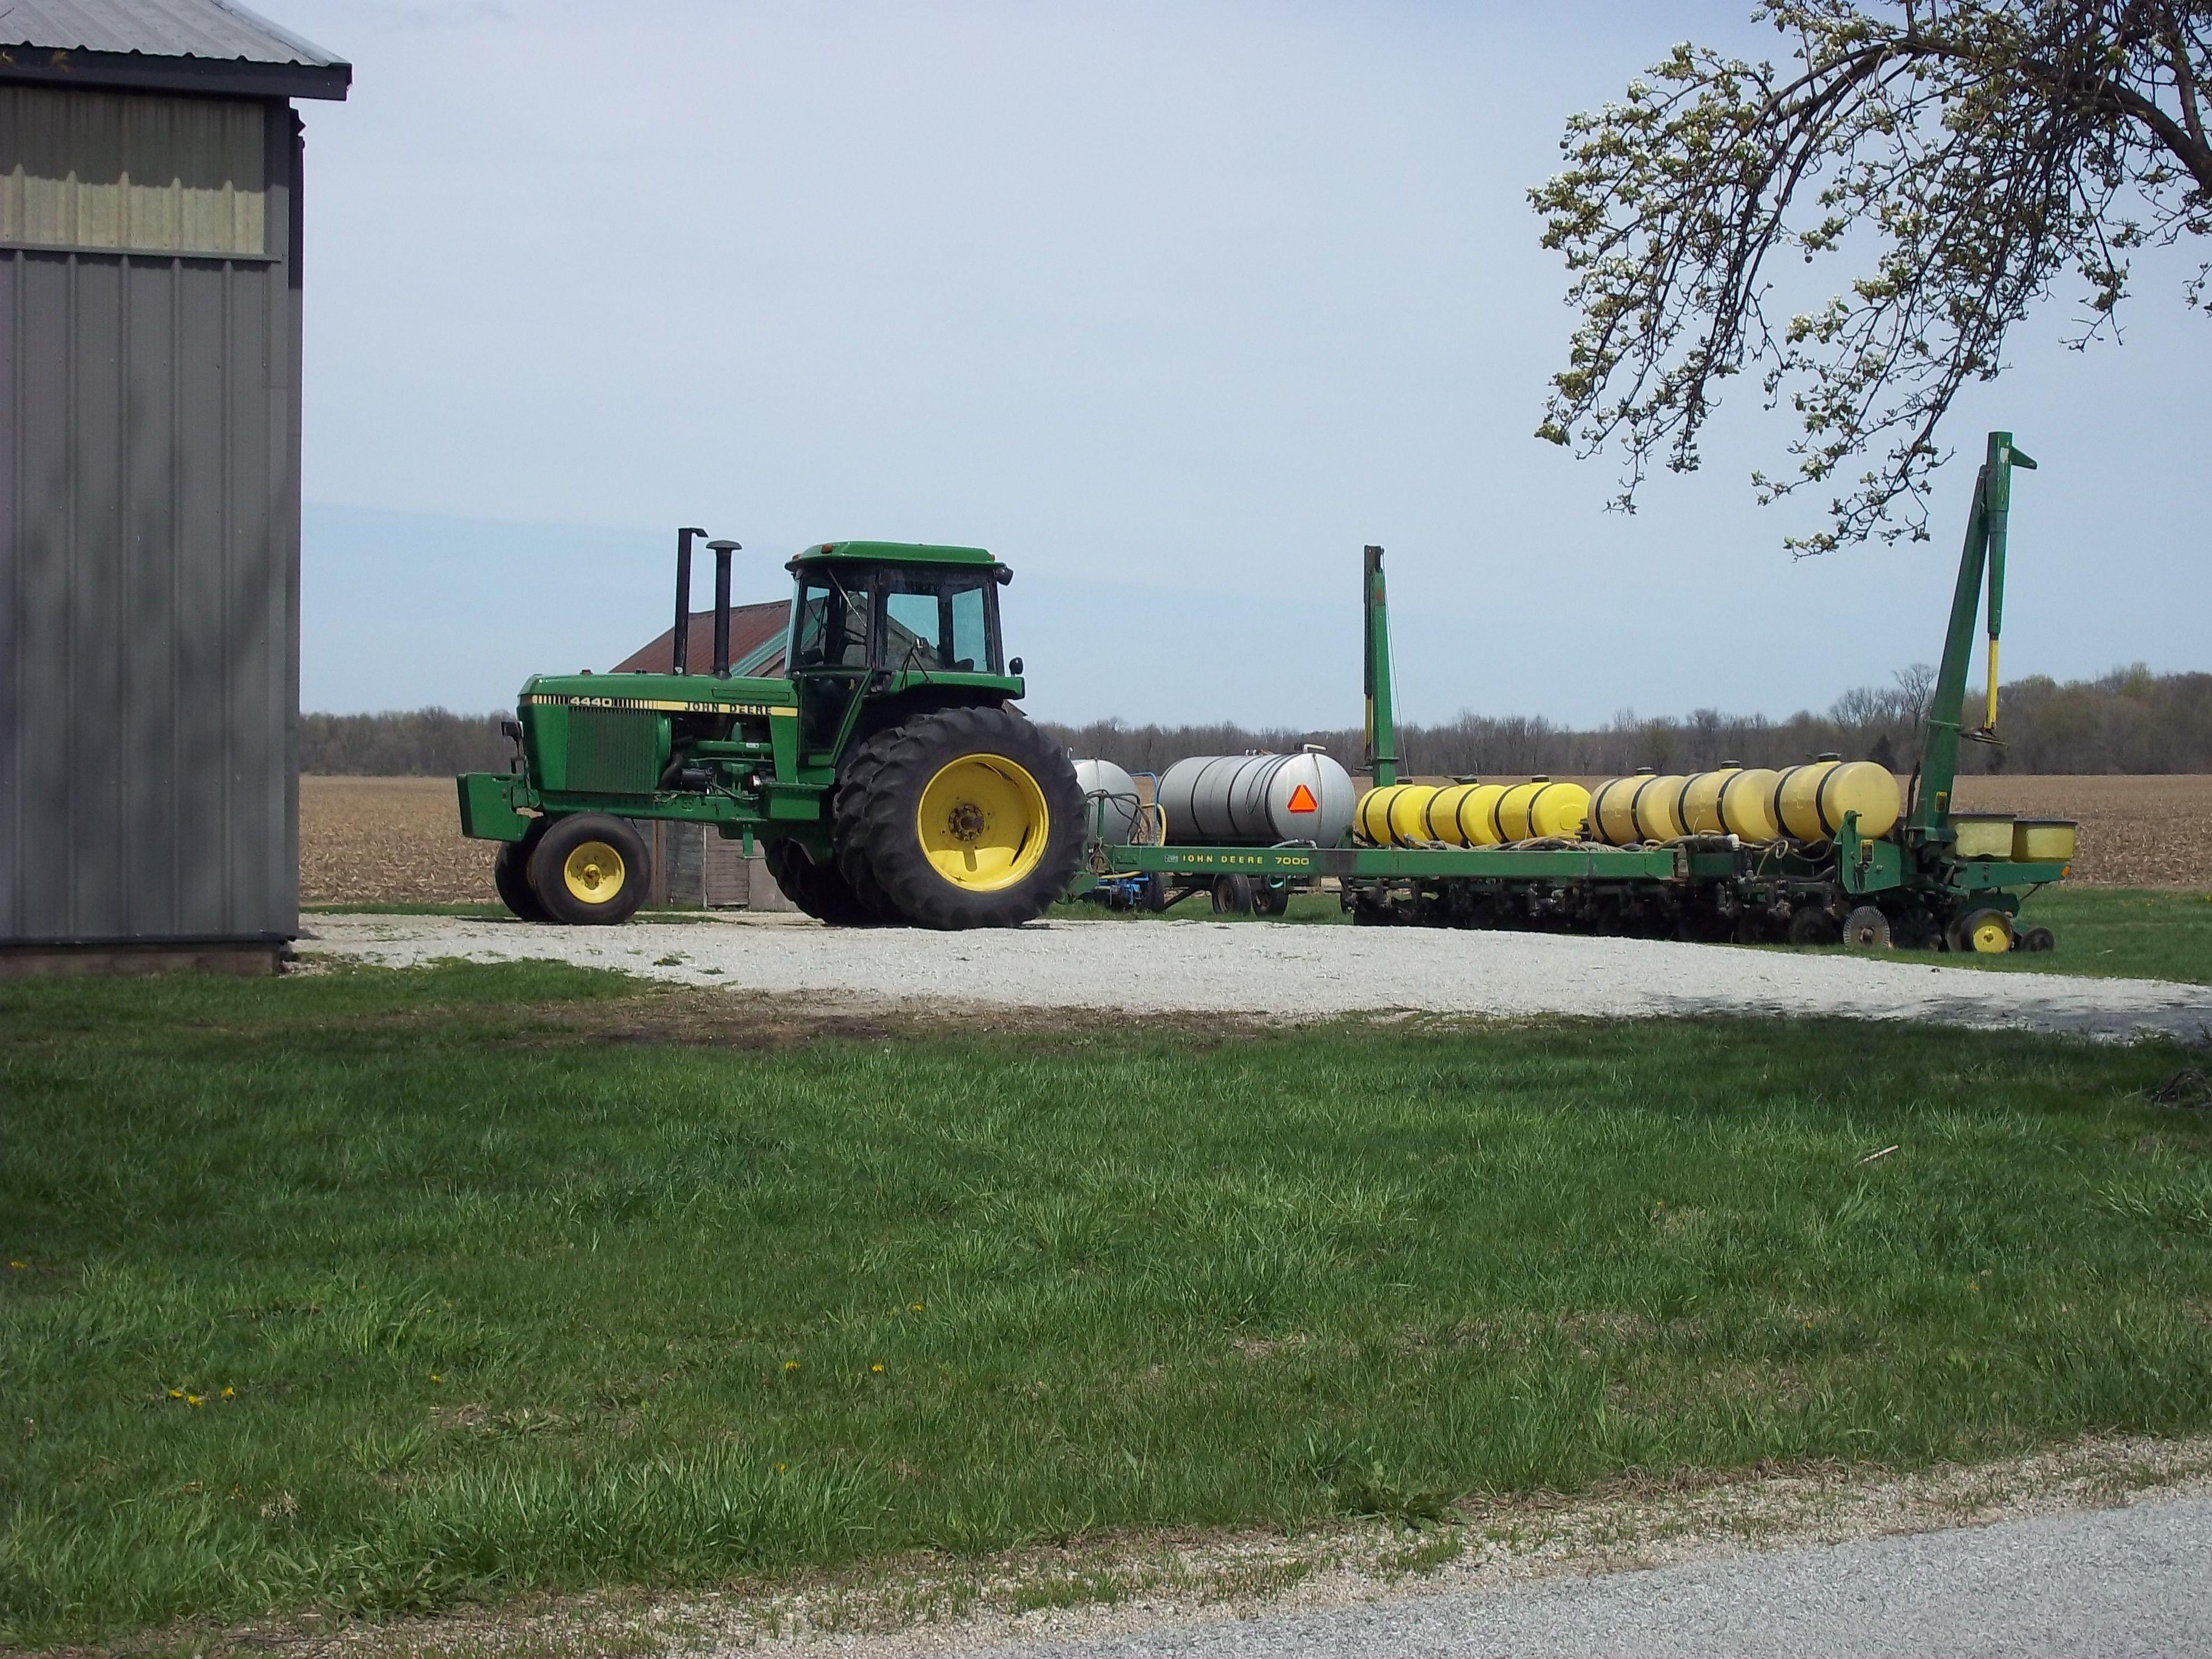 John Deere 4440 With 7000 Corn Planter Cool Machines Tractors